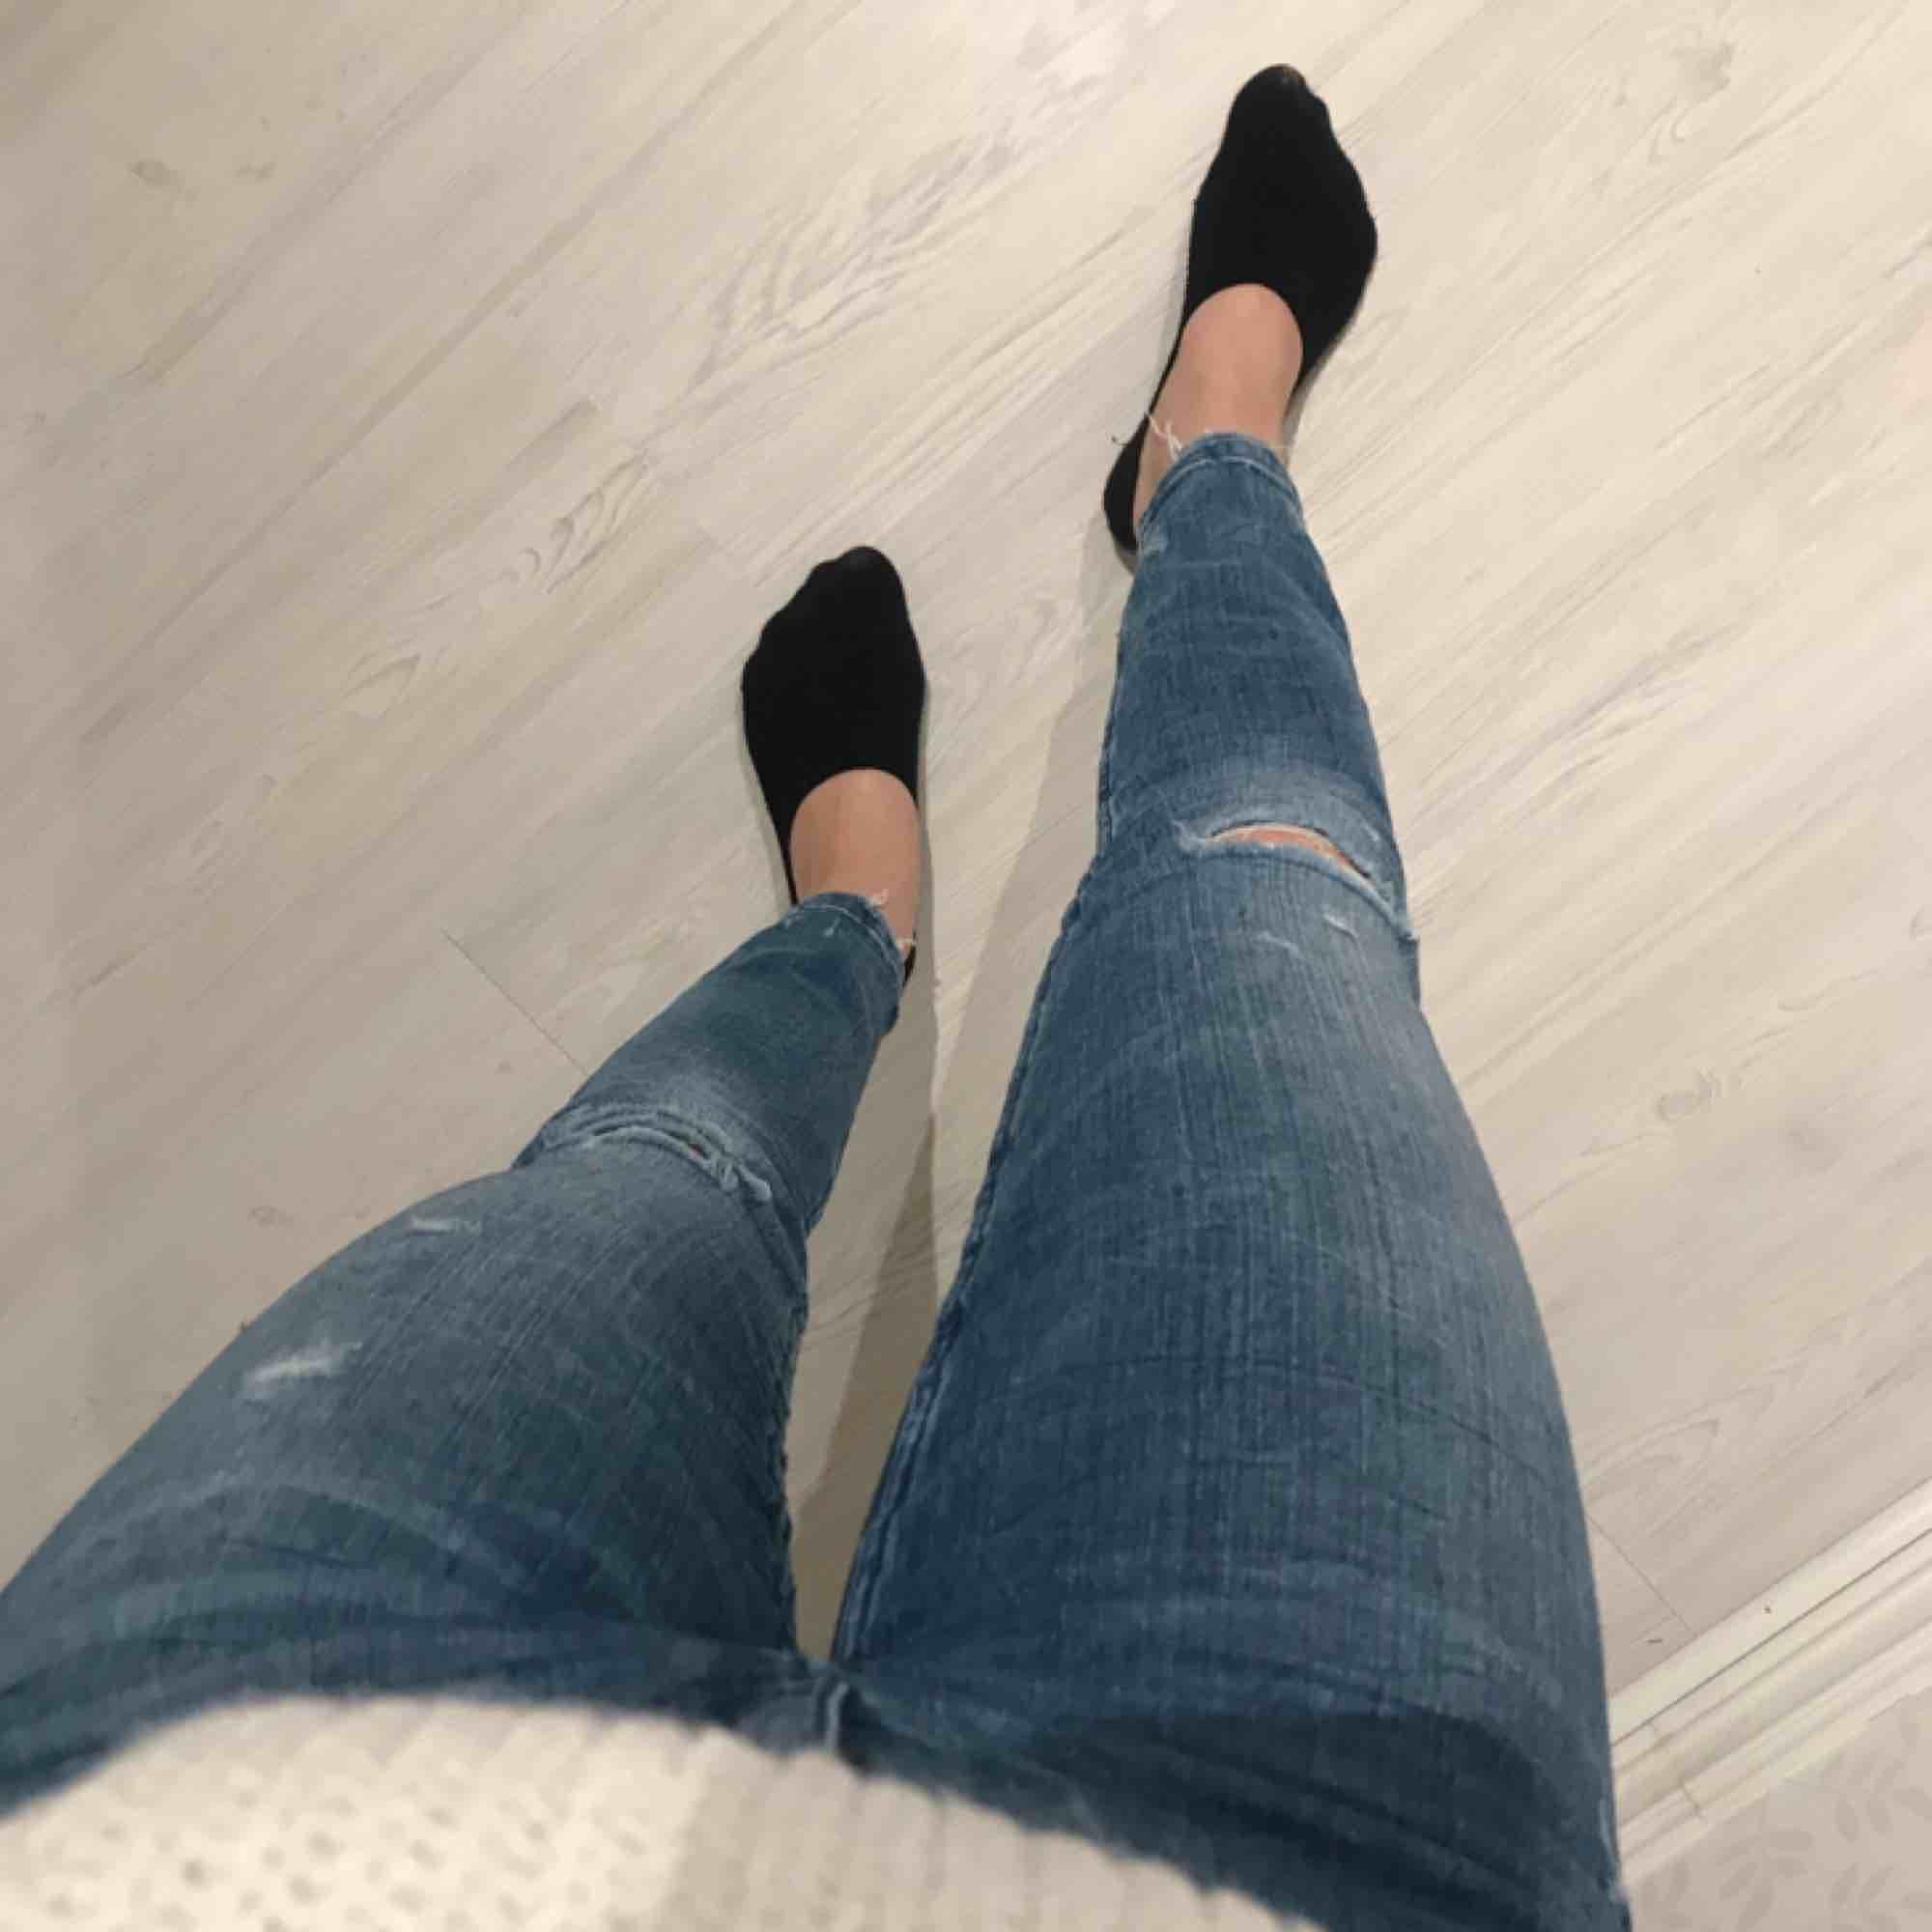 Snygga blåa jeans i skönt stretchigt material från Zara! Snygga slitningar  🌟🌟 frakt på ... 51bd179ae16f3